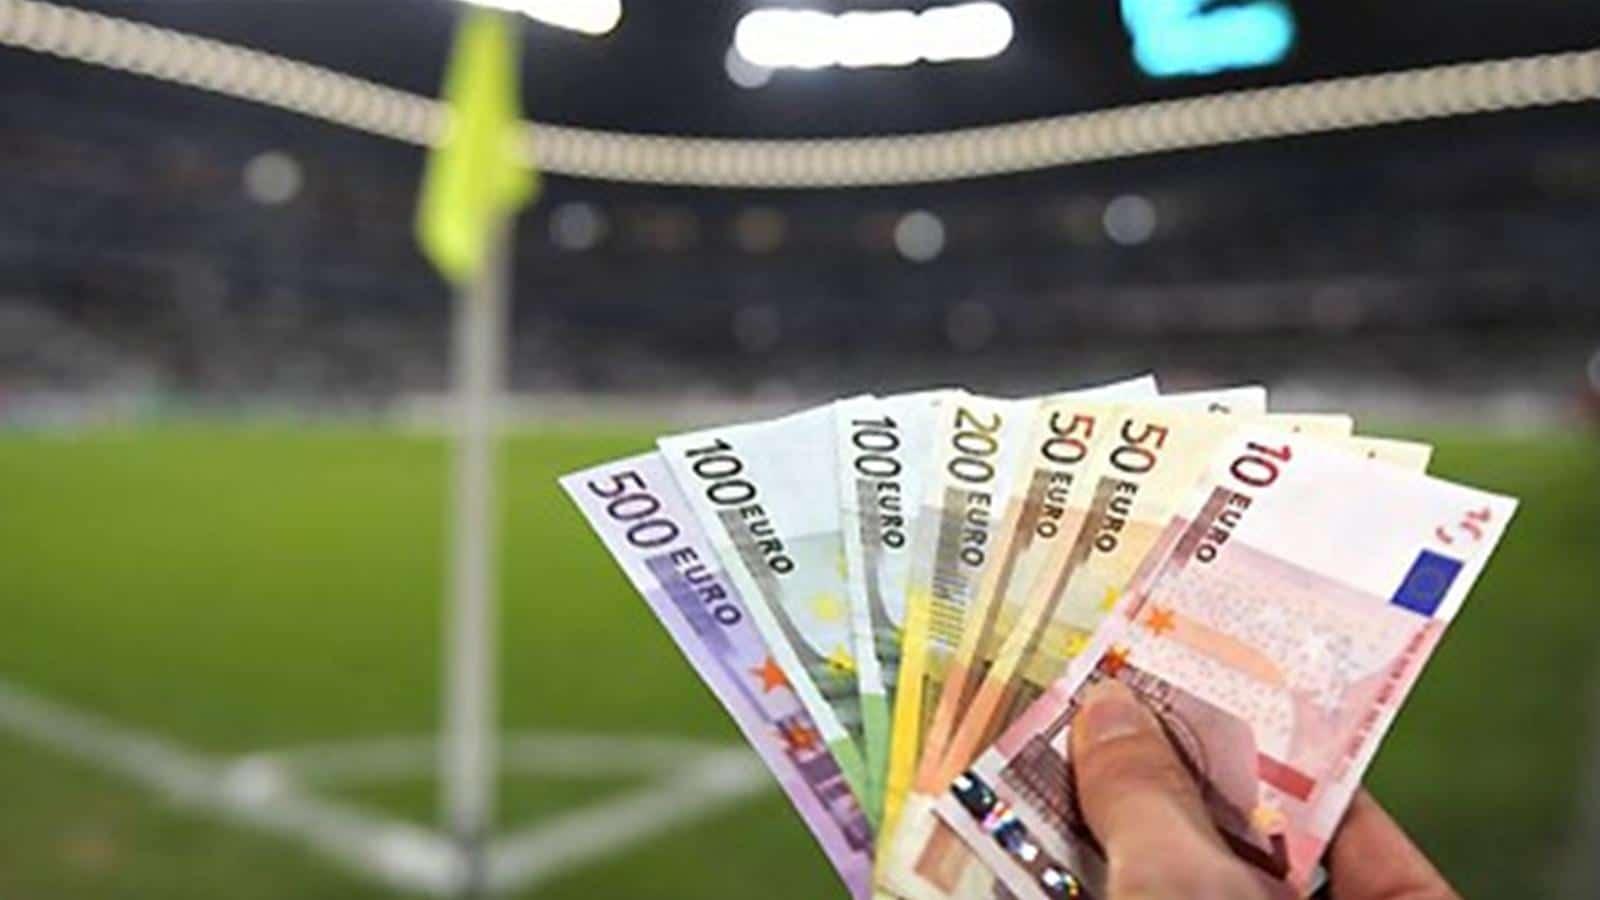 Regalo euros dinero real casas de apuestas deportivas latinoamerica 962718